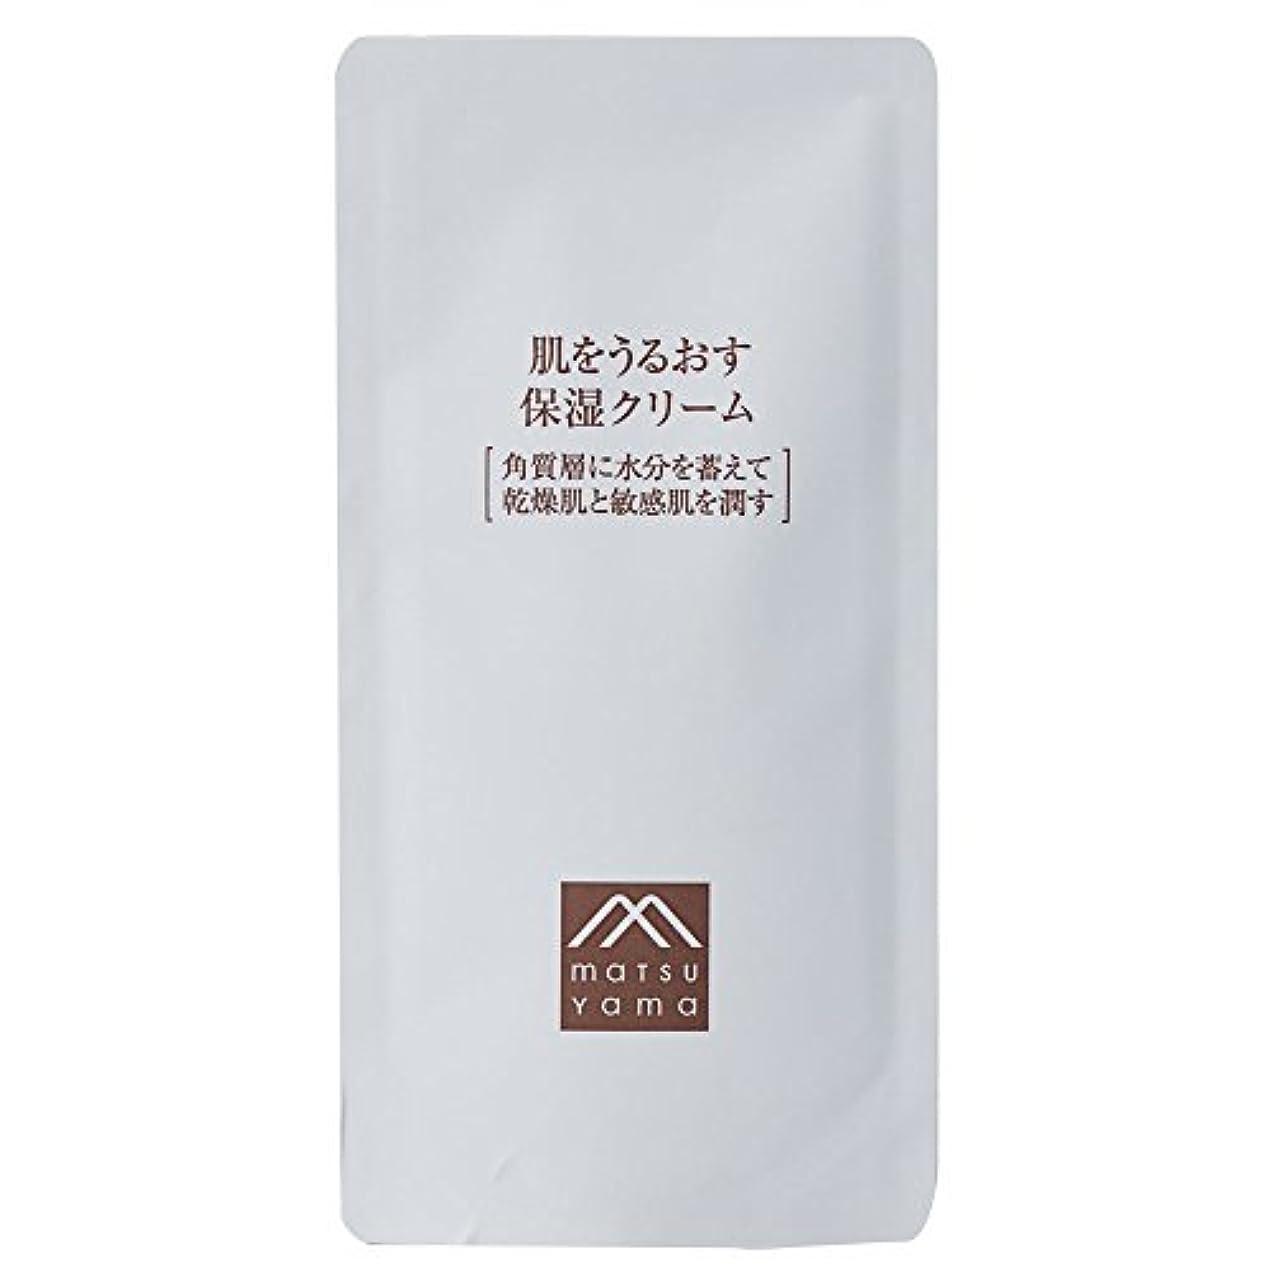 湿原計算切る肌をうるおす保湿クリーム 詰替用(クリーム) 濃厚クリーム [乾燥肌 敏感肌]